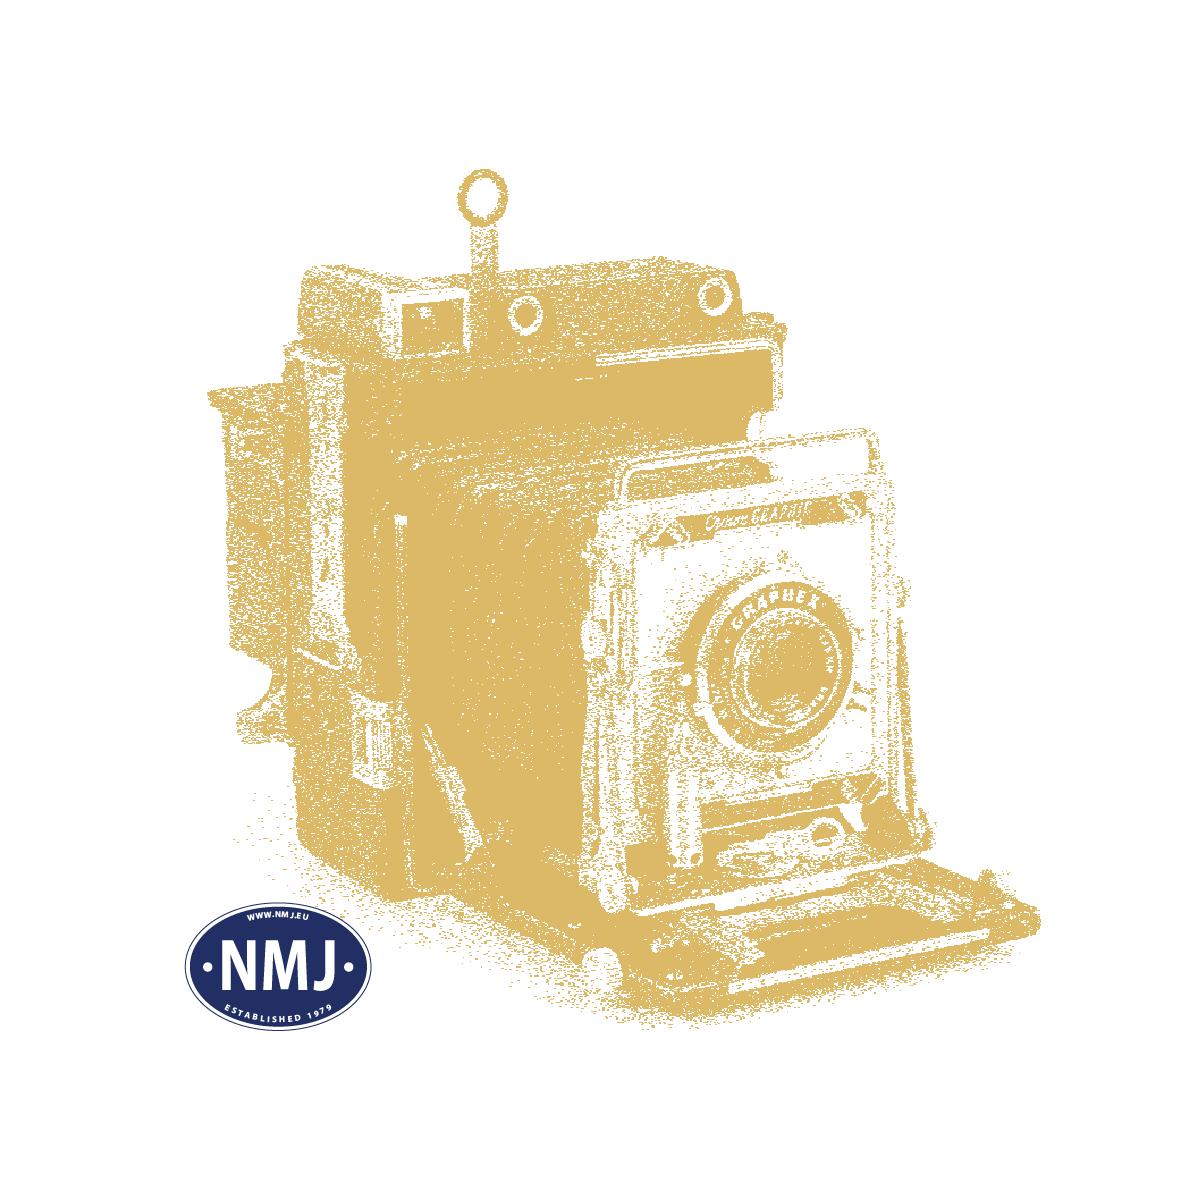 NMJS21e207 - NMJ Superline NSB Damplokomotiv Type 21e 207, DC